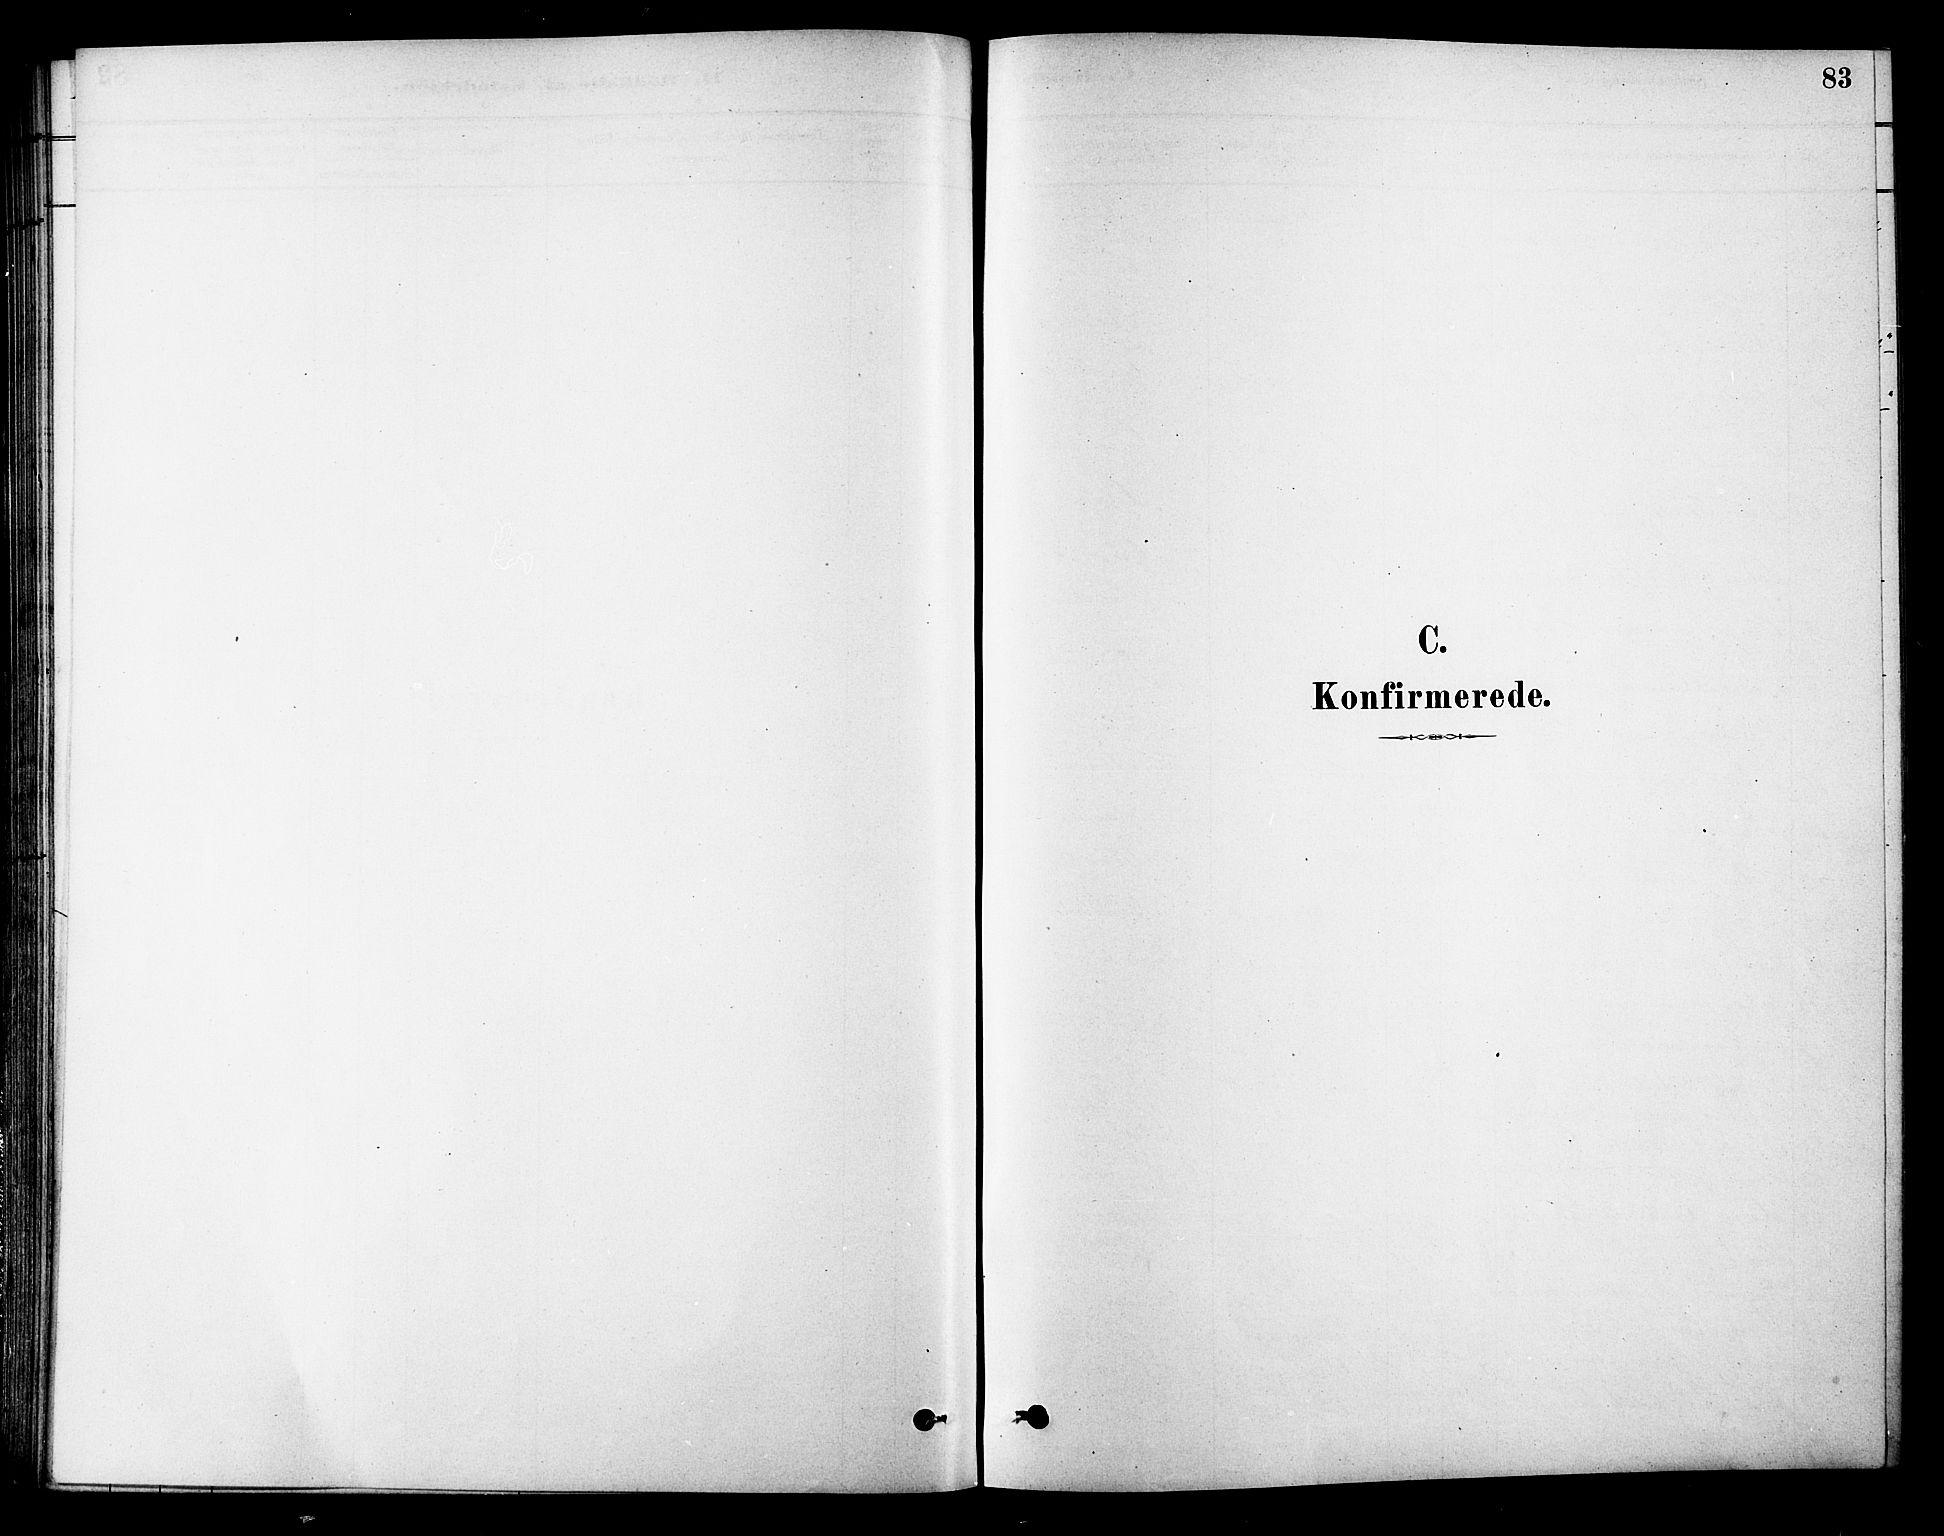 SAT, Ministerialprotokoller, klokkerbøker og fødselsregistre - Sør-Trøndelag, 686/L0983: Ministerialbok nr. 686A01, 1879-1890, s. 83